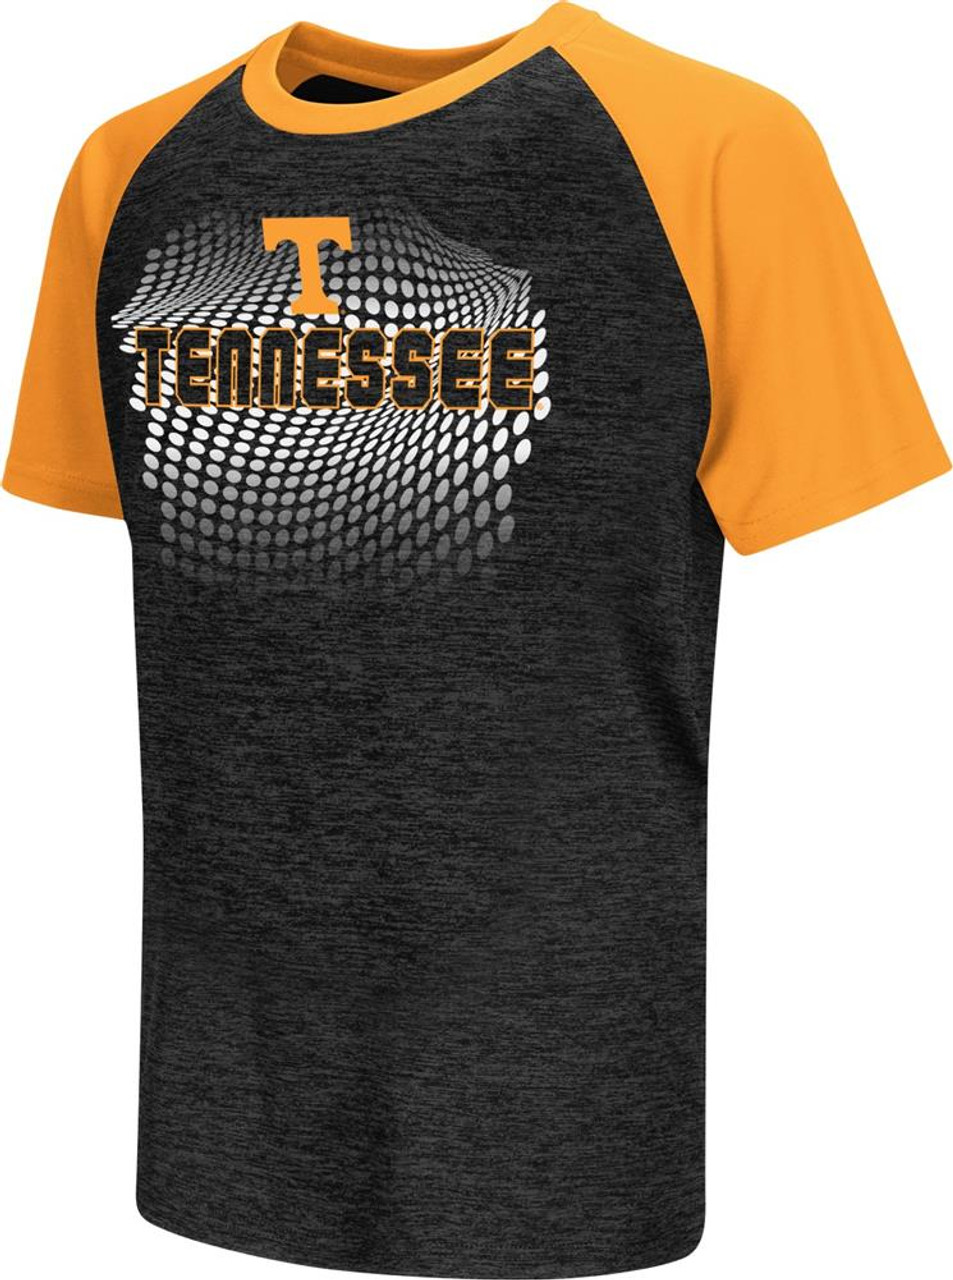 Youth Tennessee Volunteers Vols UT Athletic Ryder Short Sleeve Tee